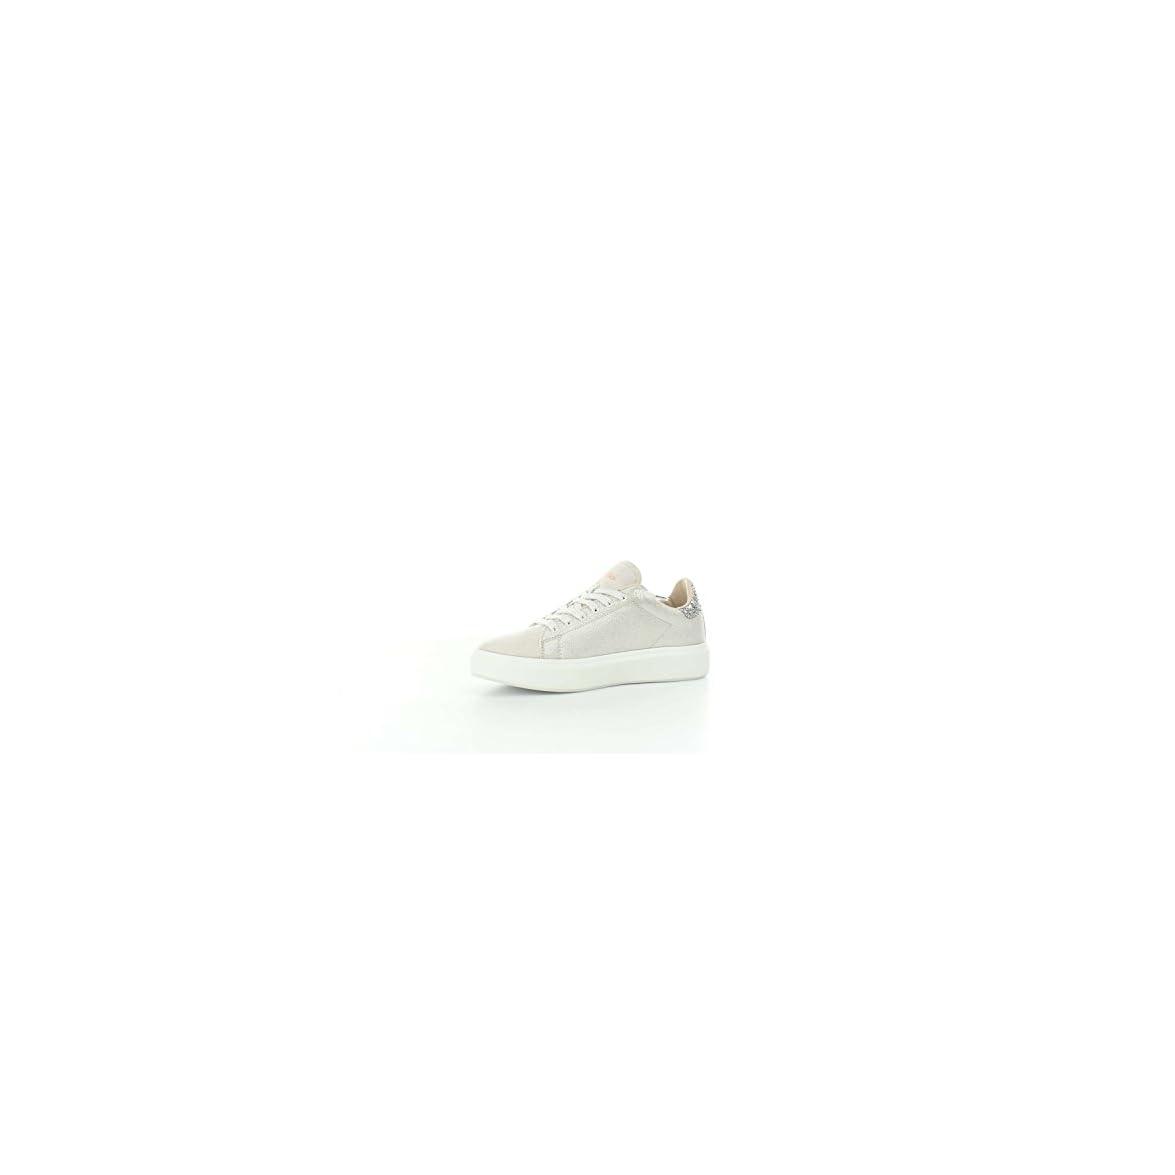 Lotto Leggenda Donna Impressions Denim W Pelle Sneakers Grigio 39 Eu